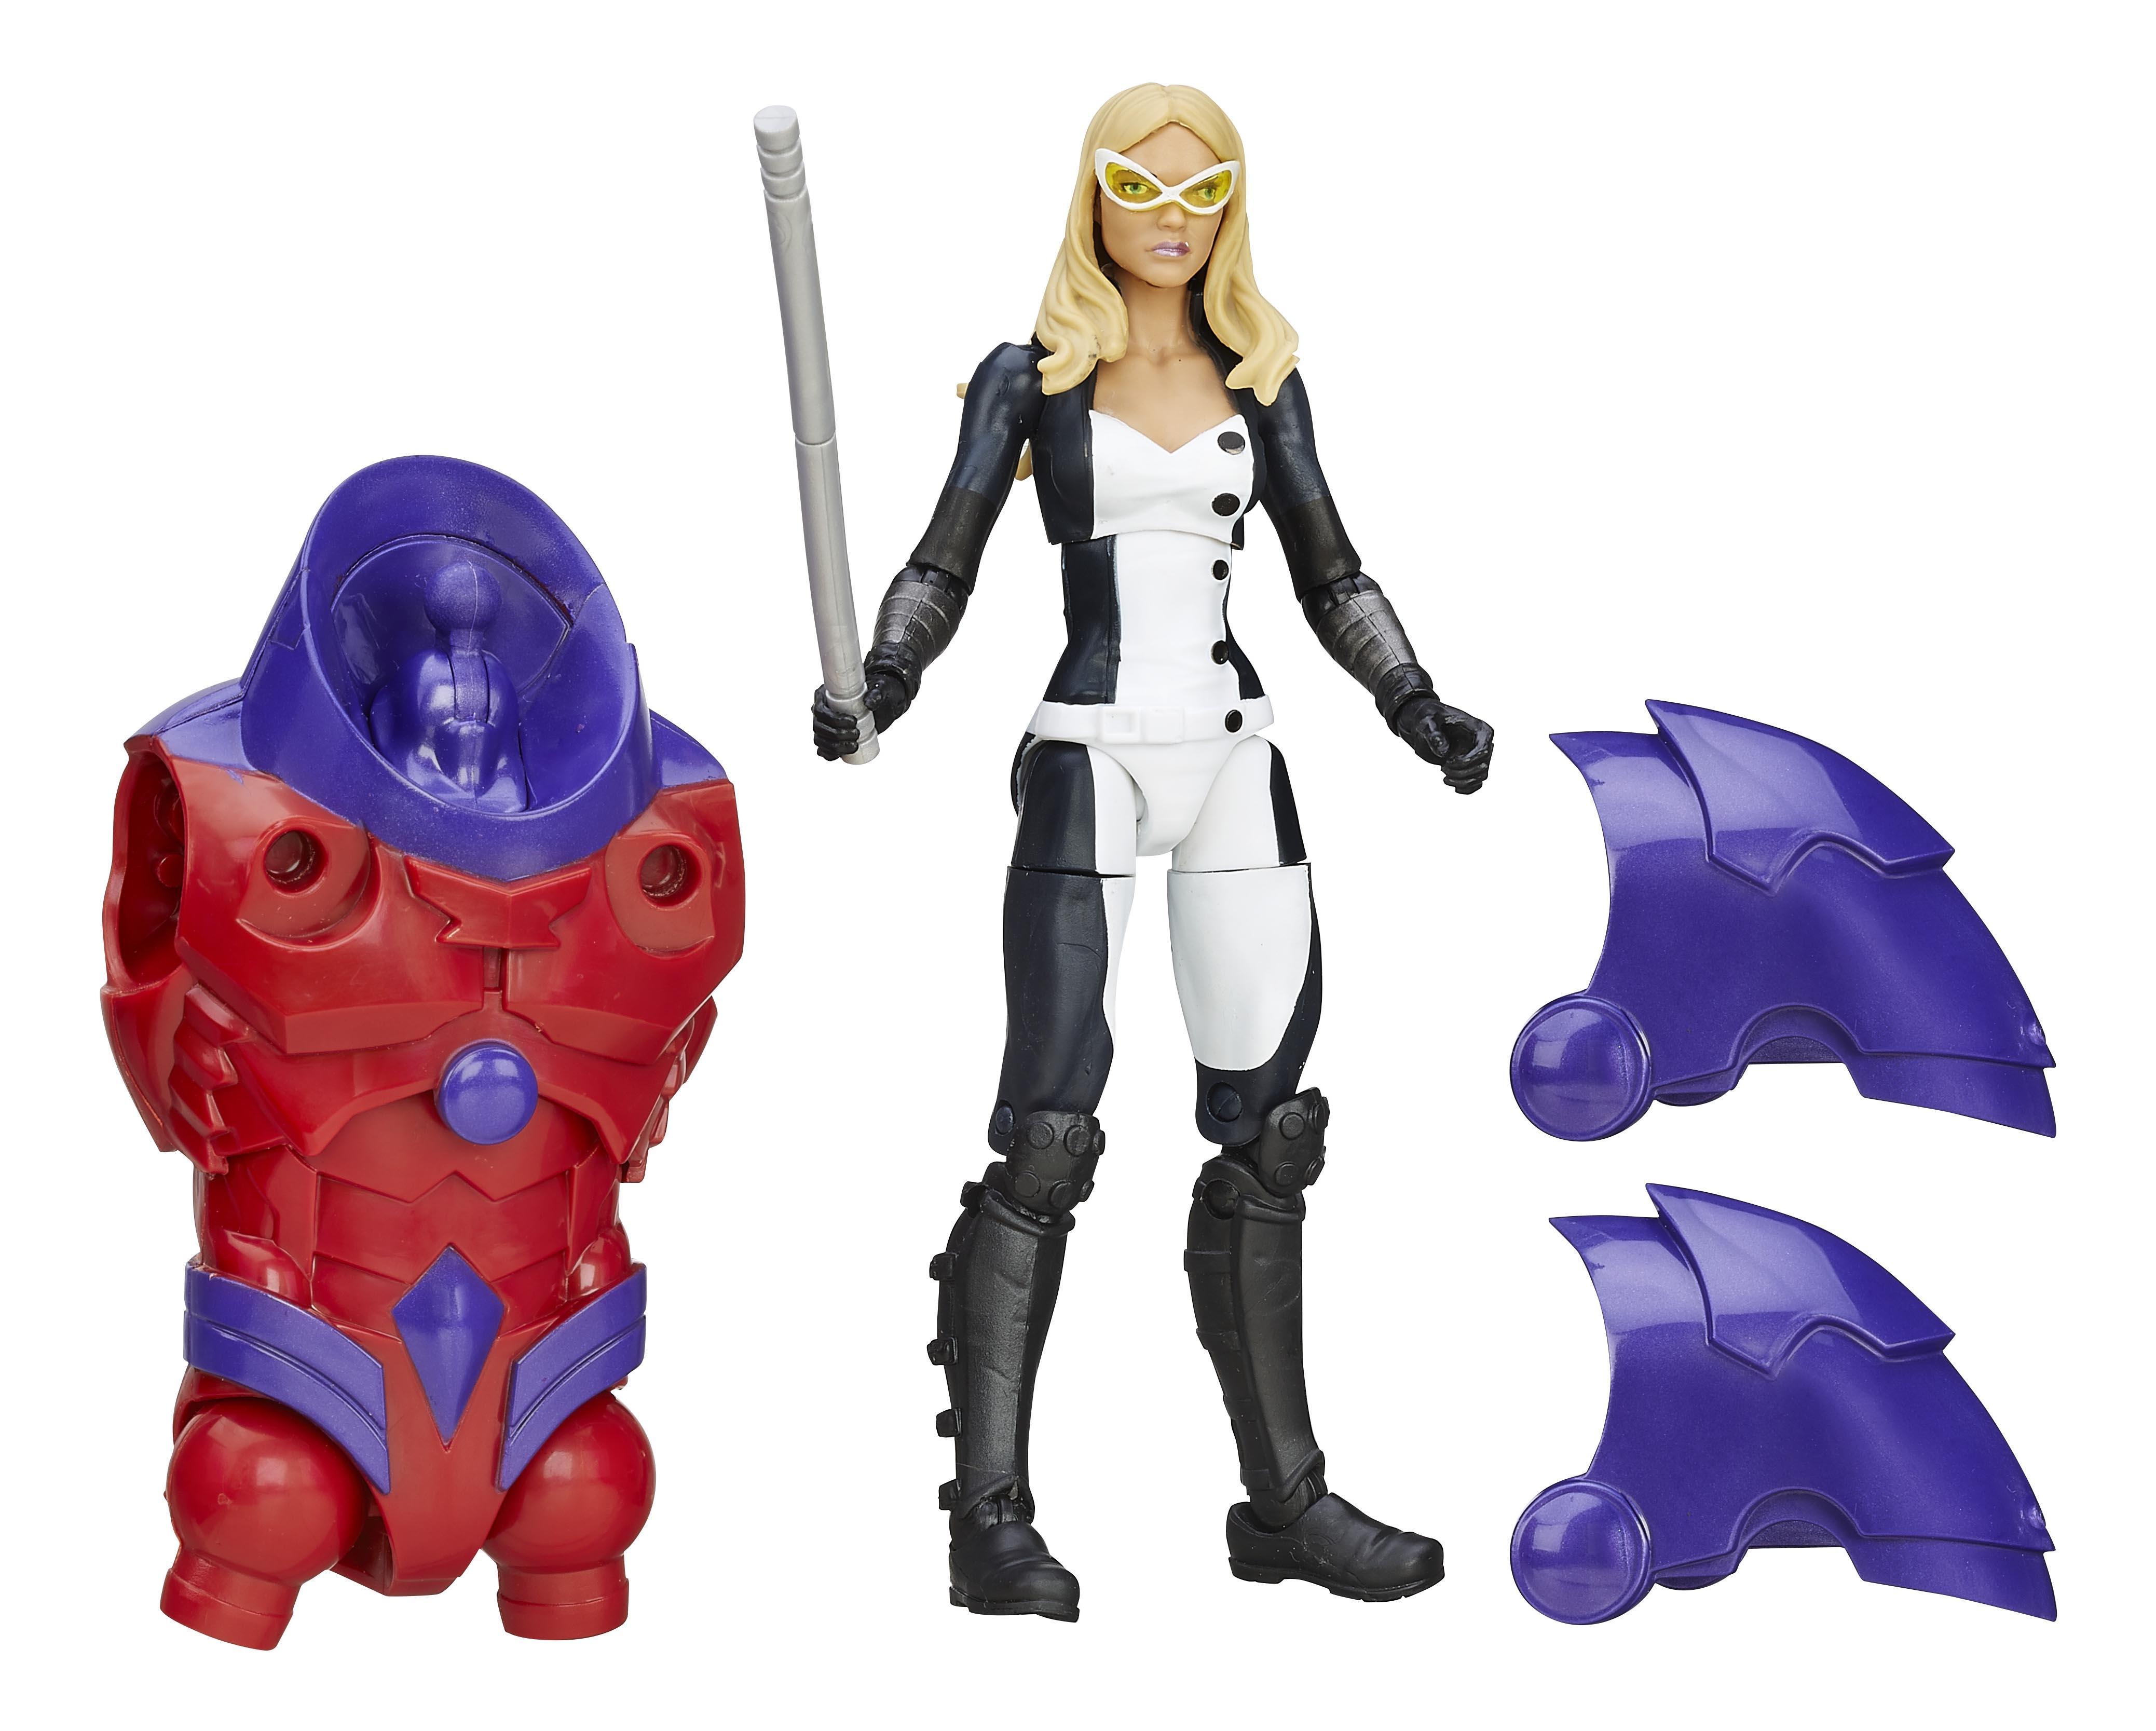 Купить Коллекционная фигурка Marvel Legends Series 6 Agents of Shield 15 см b6355 b6396, Фигурки MARVEL